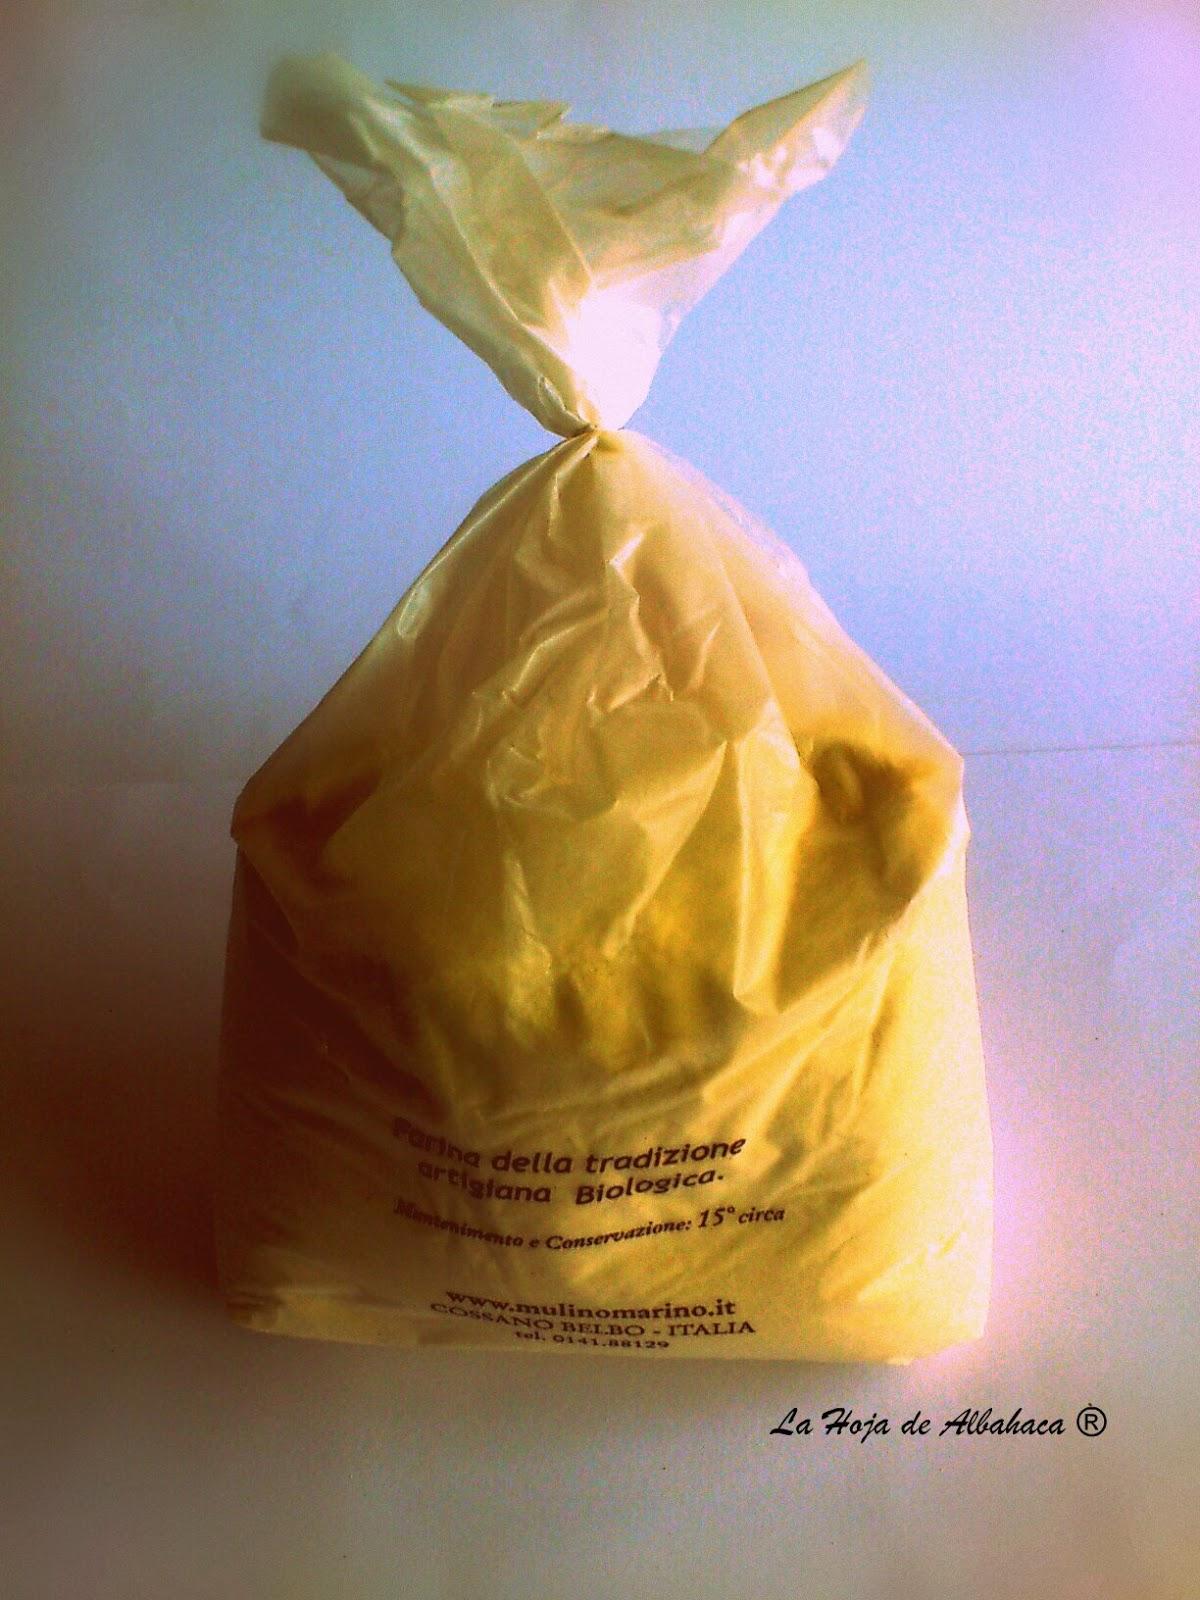 Harina ecologica, harina de trigo duro, harina para focaccia, mulino marino